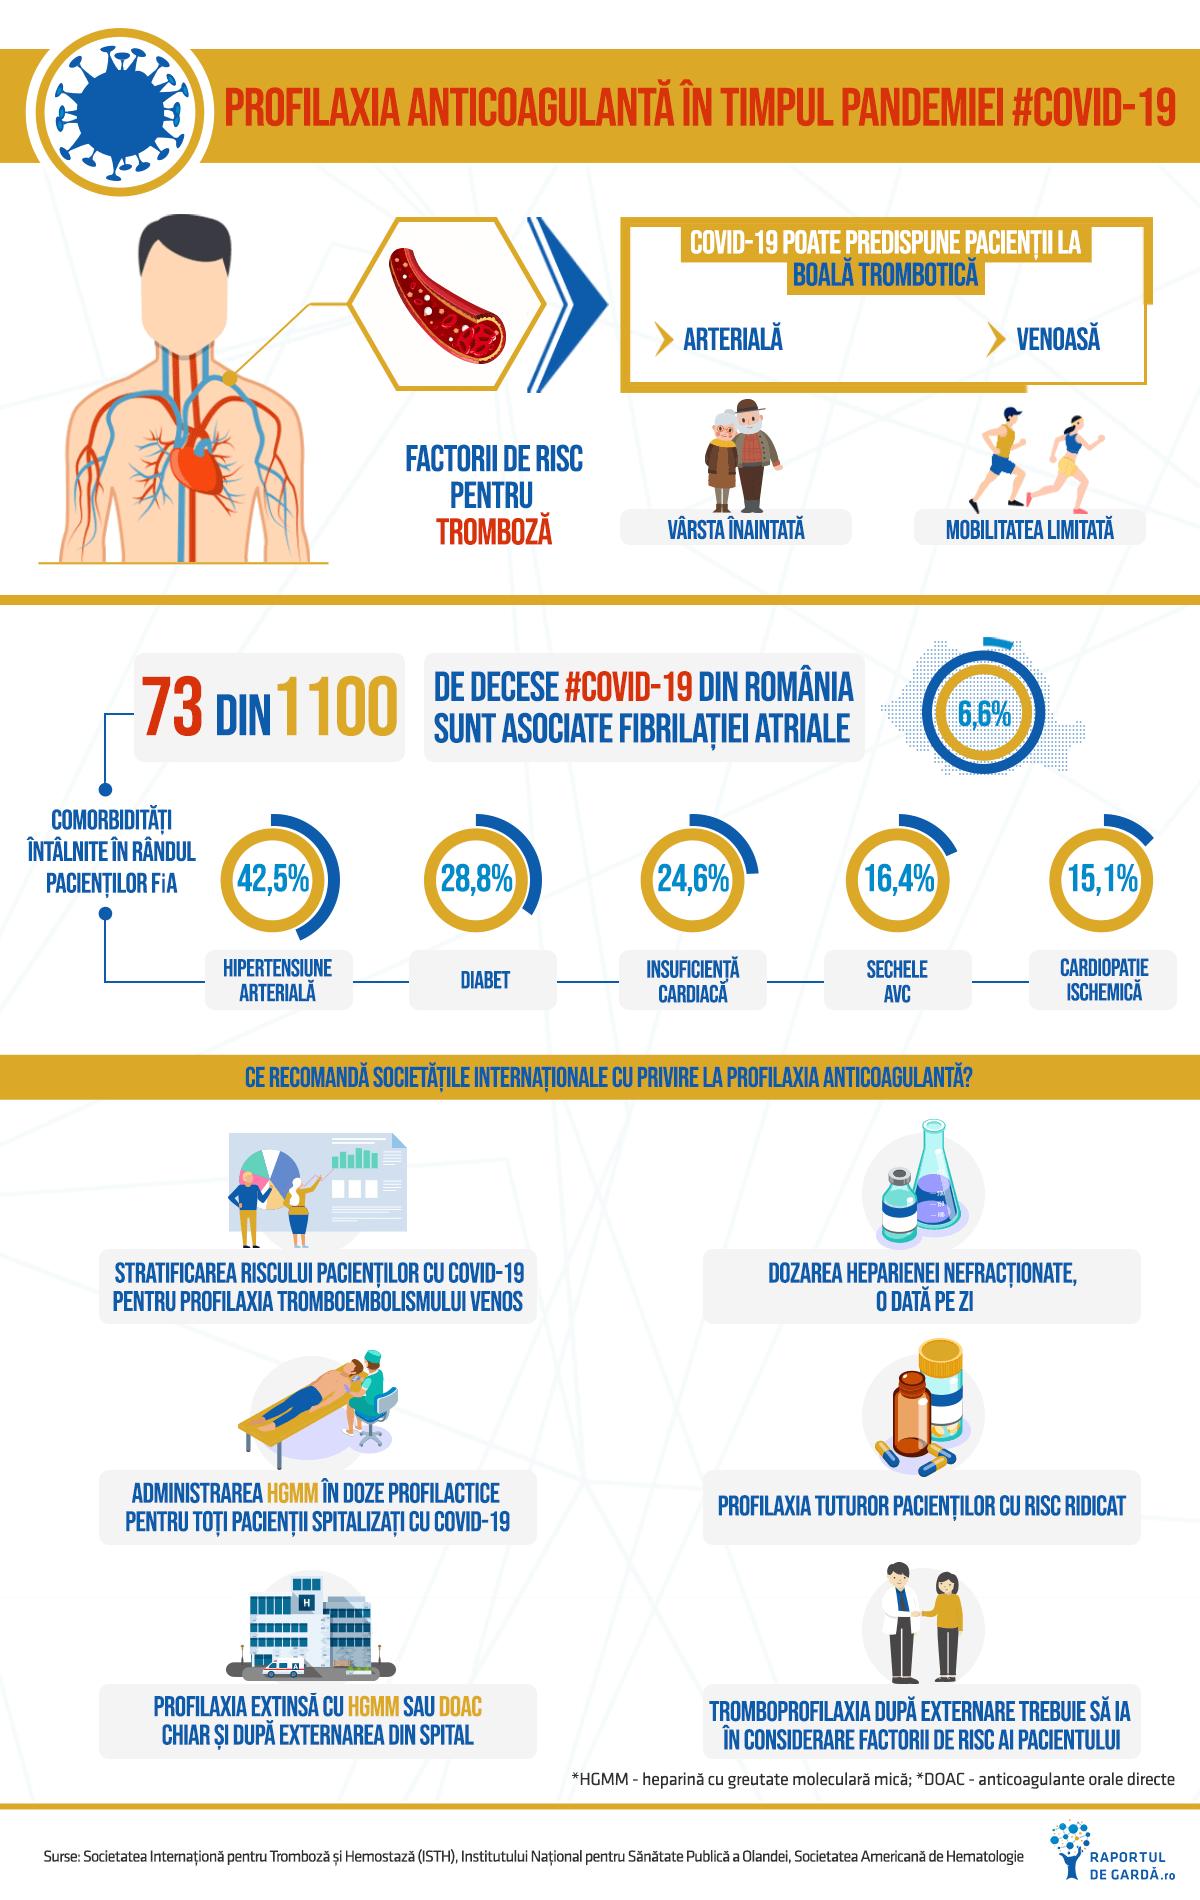 Profilaxia anticoagulantă în timpul pandemiei COVID19